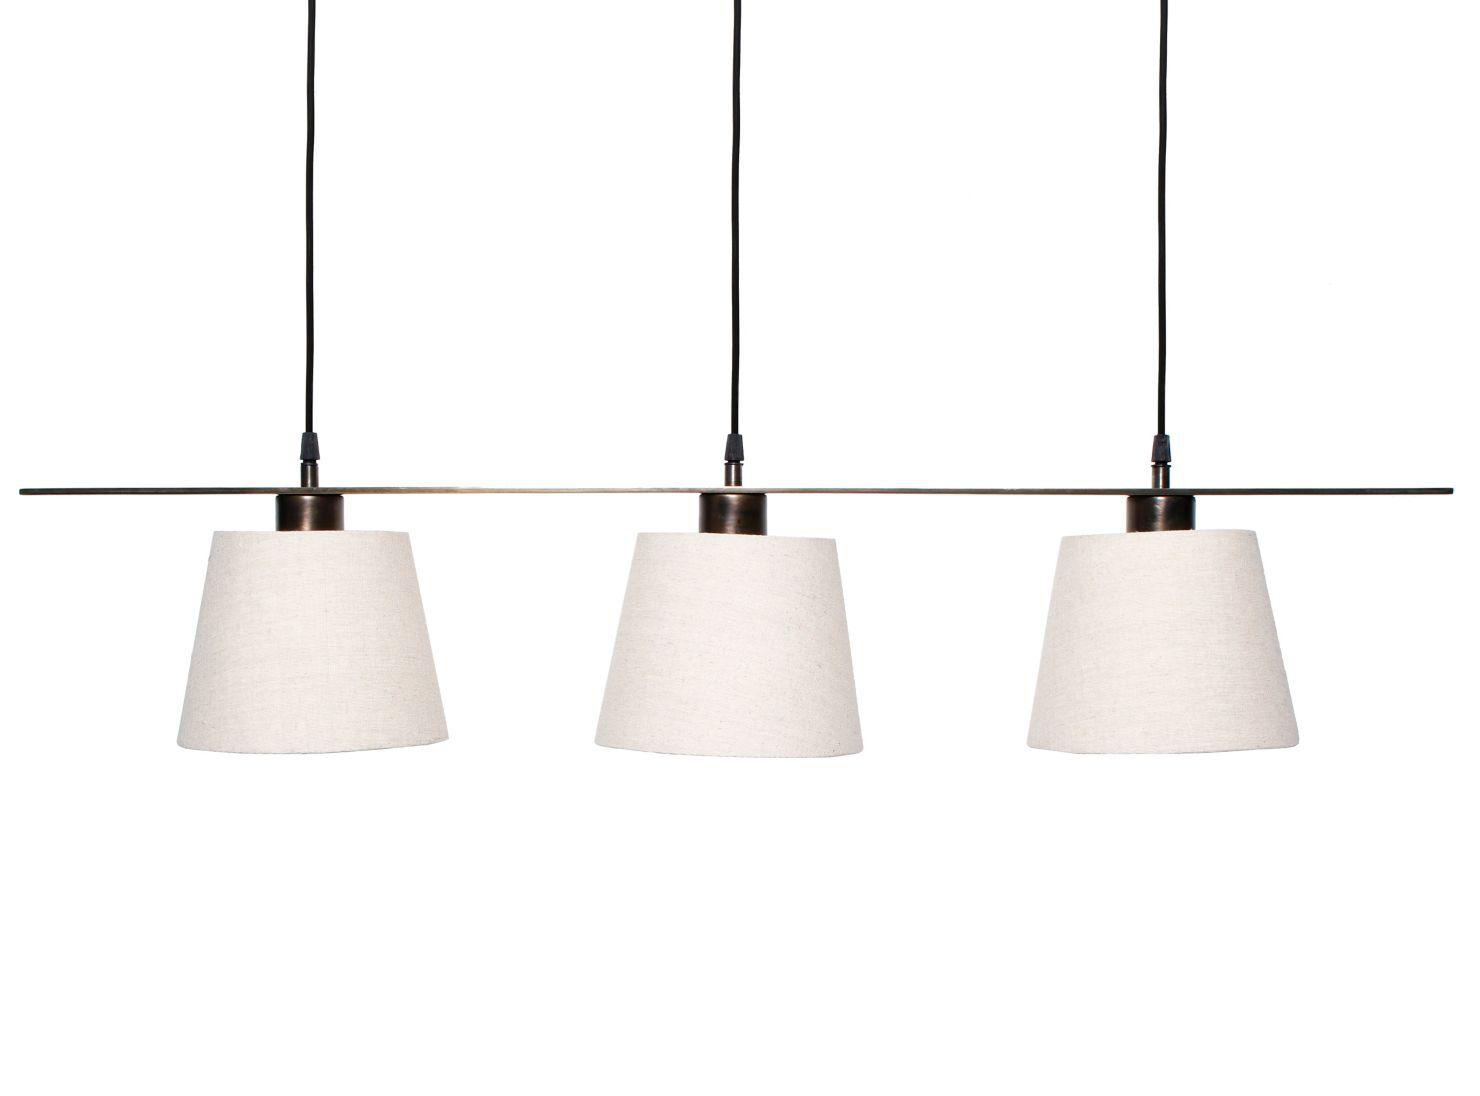 Lámpara 3 Diseño 3 Colgante Lámpara Diseño Lámpara Colgante Triple Triple oedCBWxr